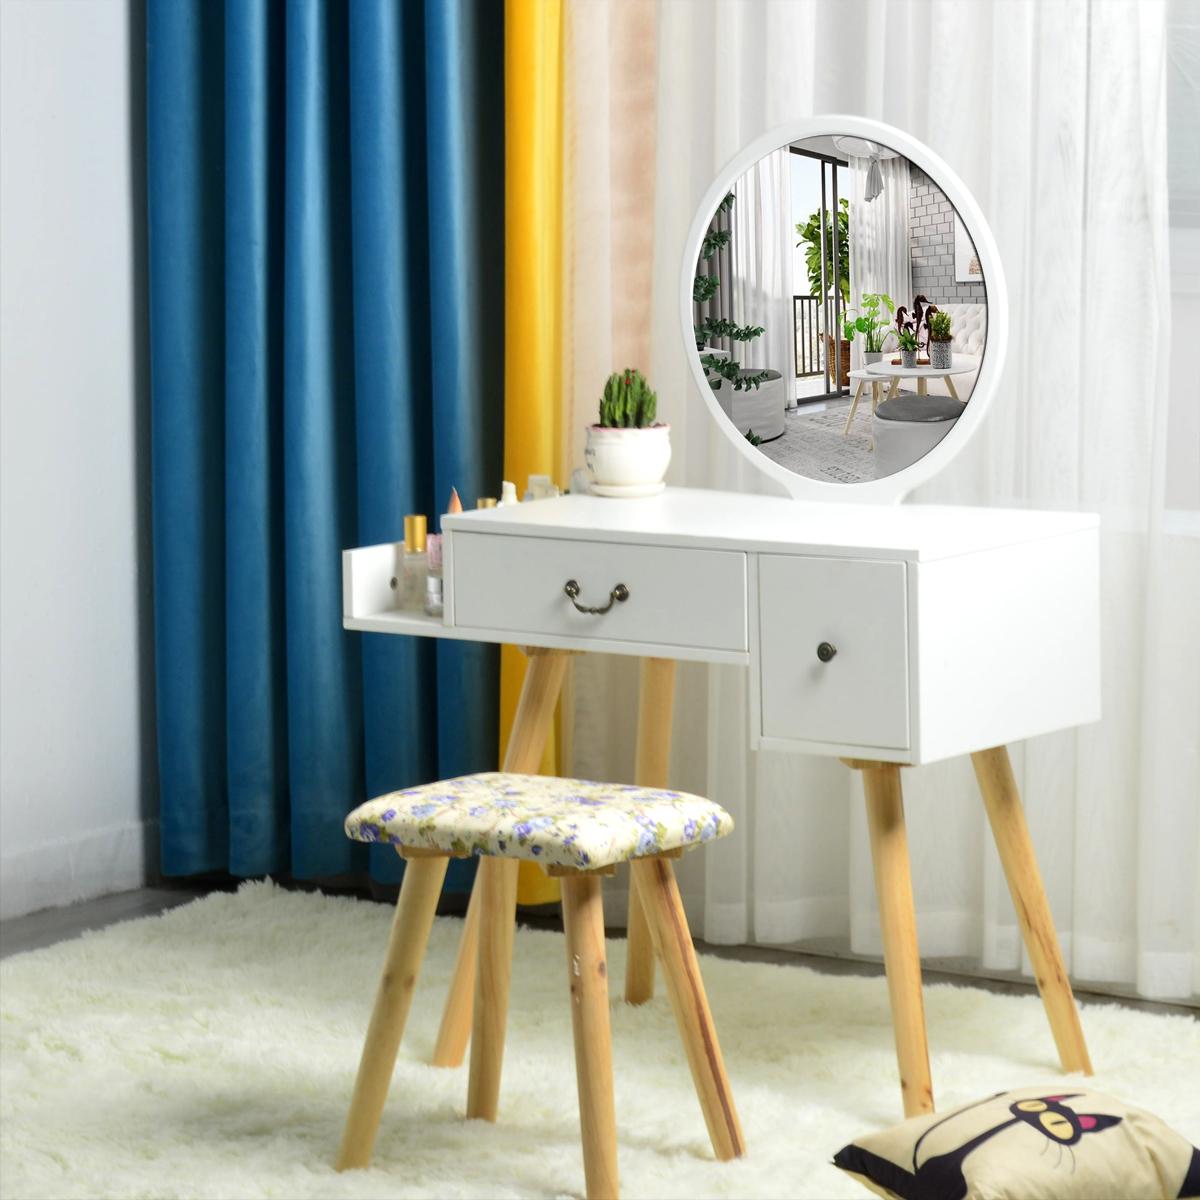 现代简约卧室小户型北欧梳妆台网红多功能化妆桌化妆台欧式ins